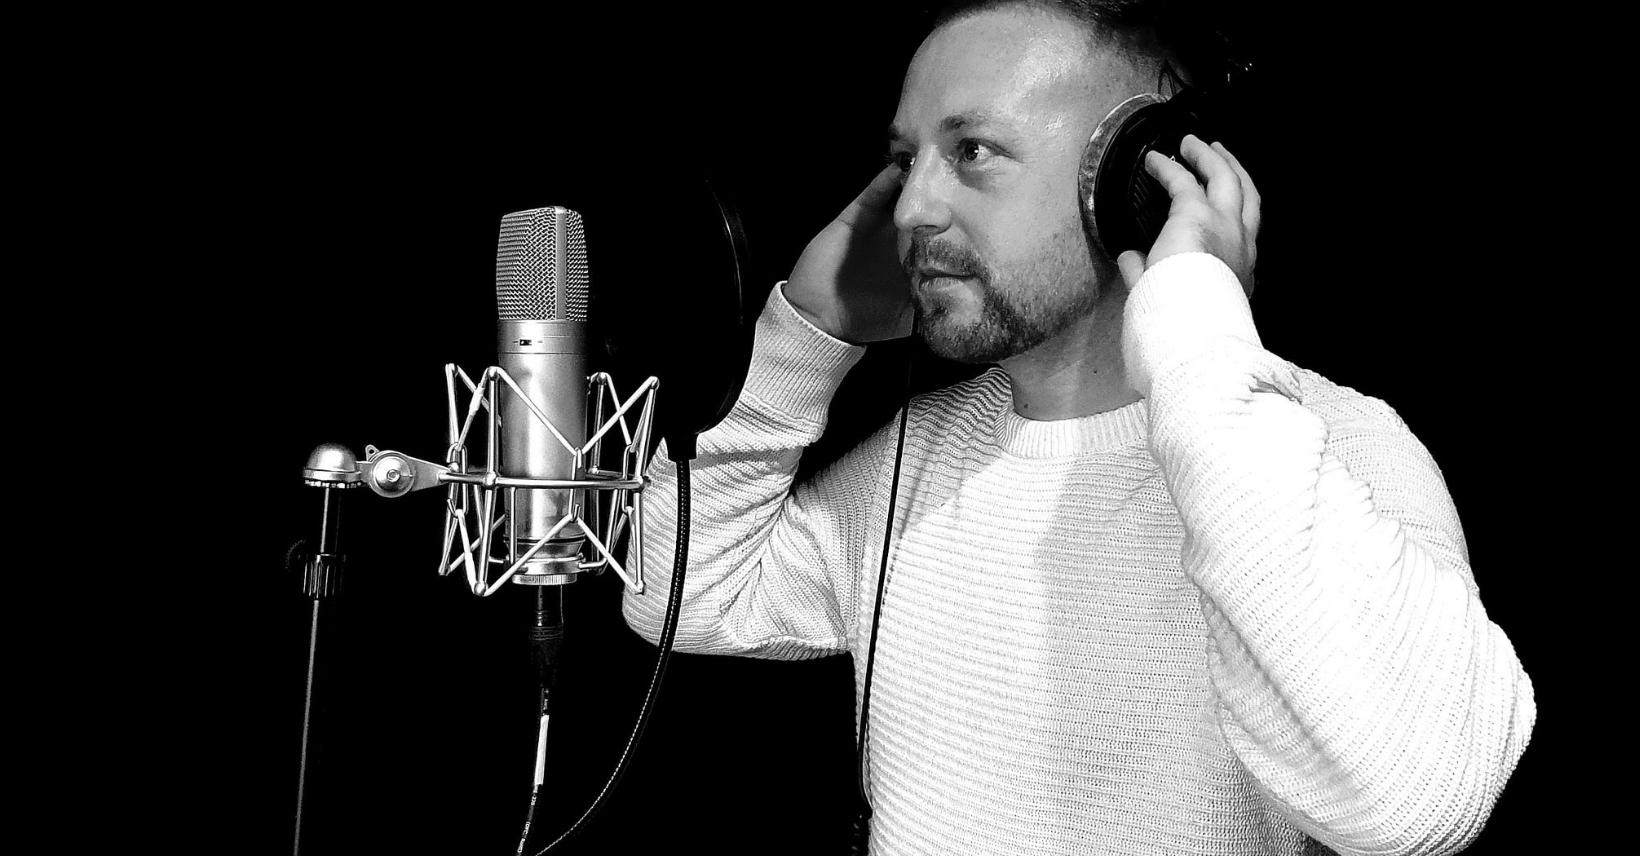 Krystian Sarama z gminy Przecław wygrywa muzyczny plebiscyt w RMF FM [VIDEO] - Zdjęcie główne